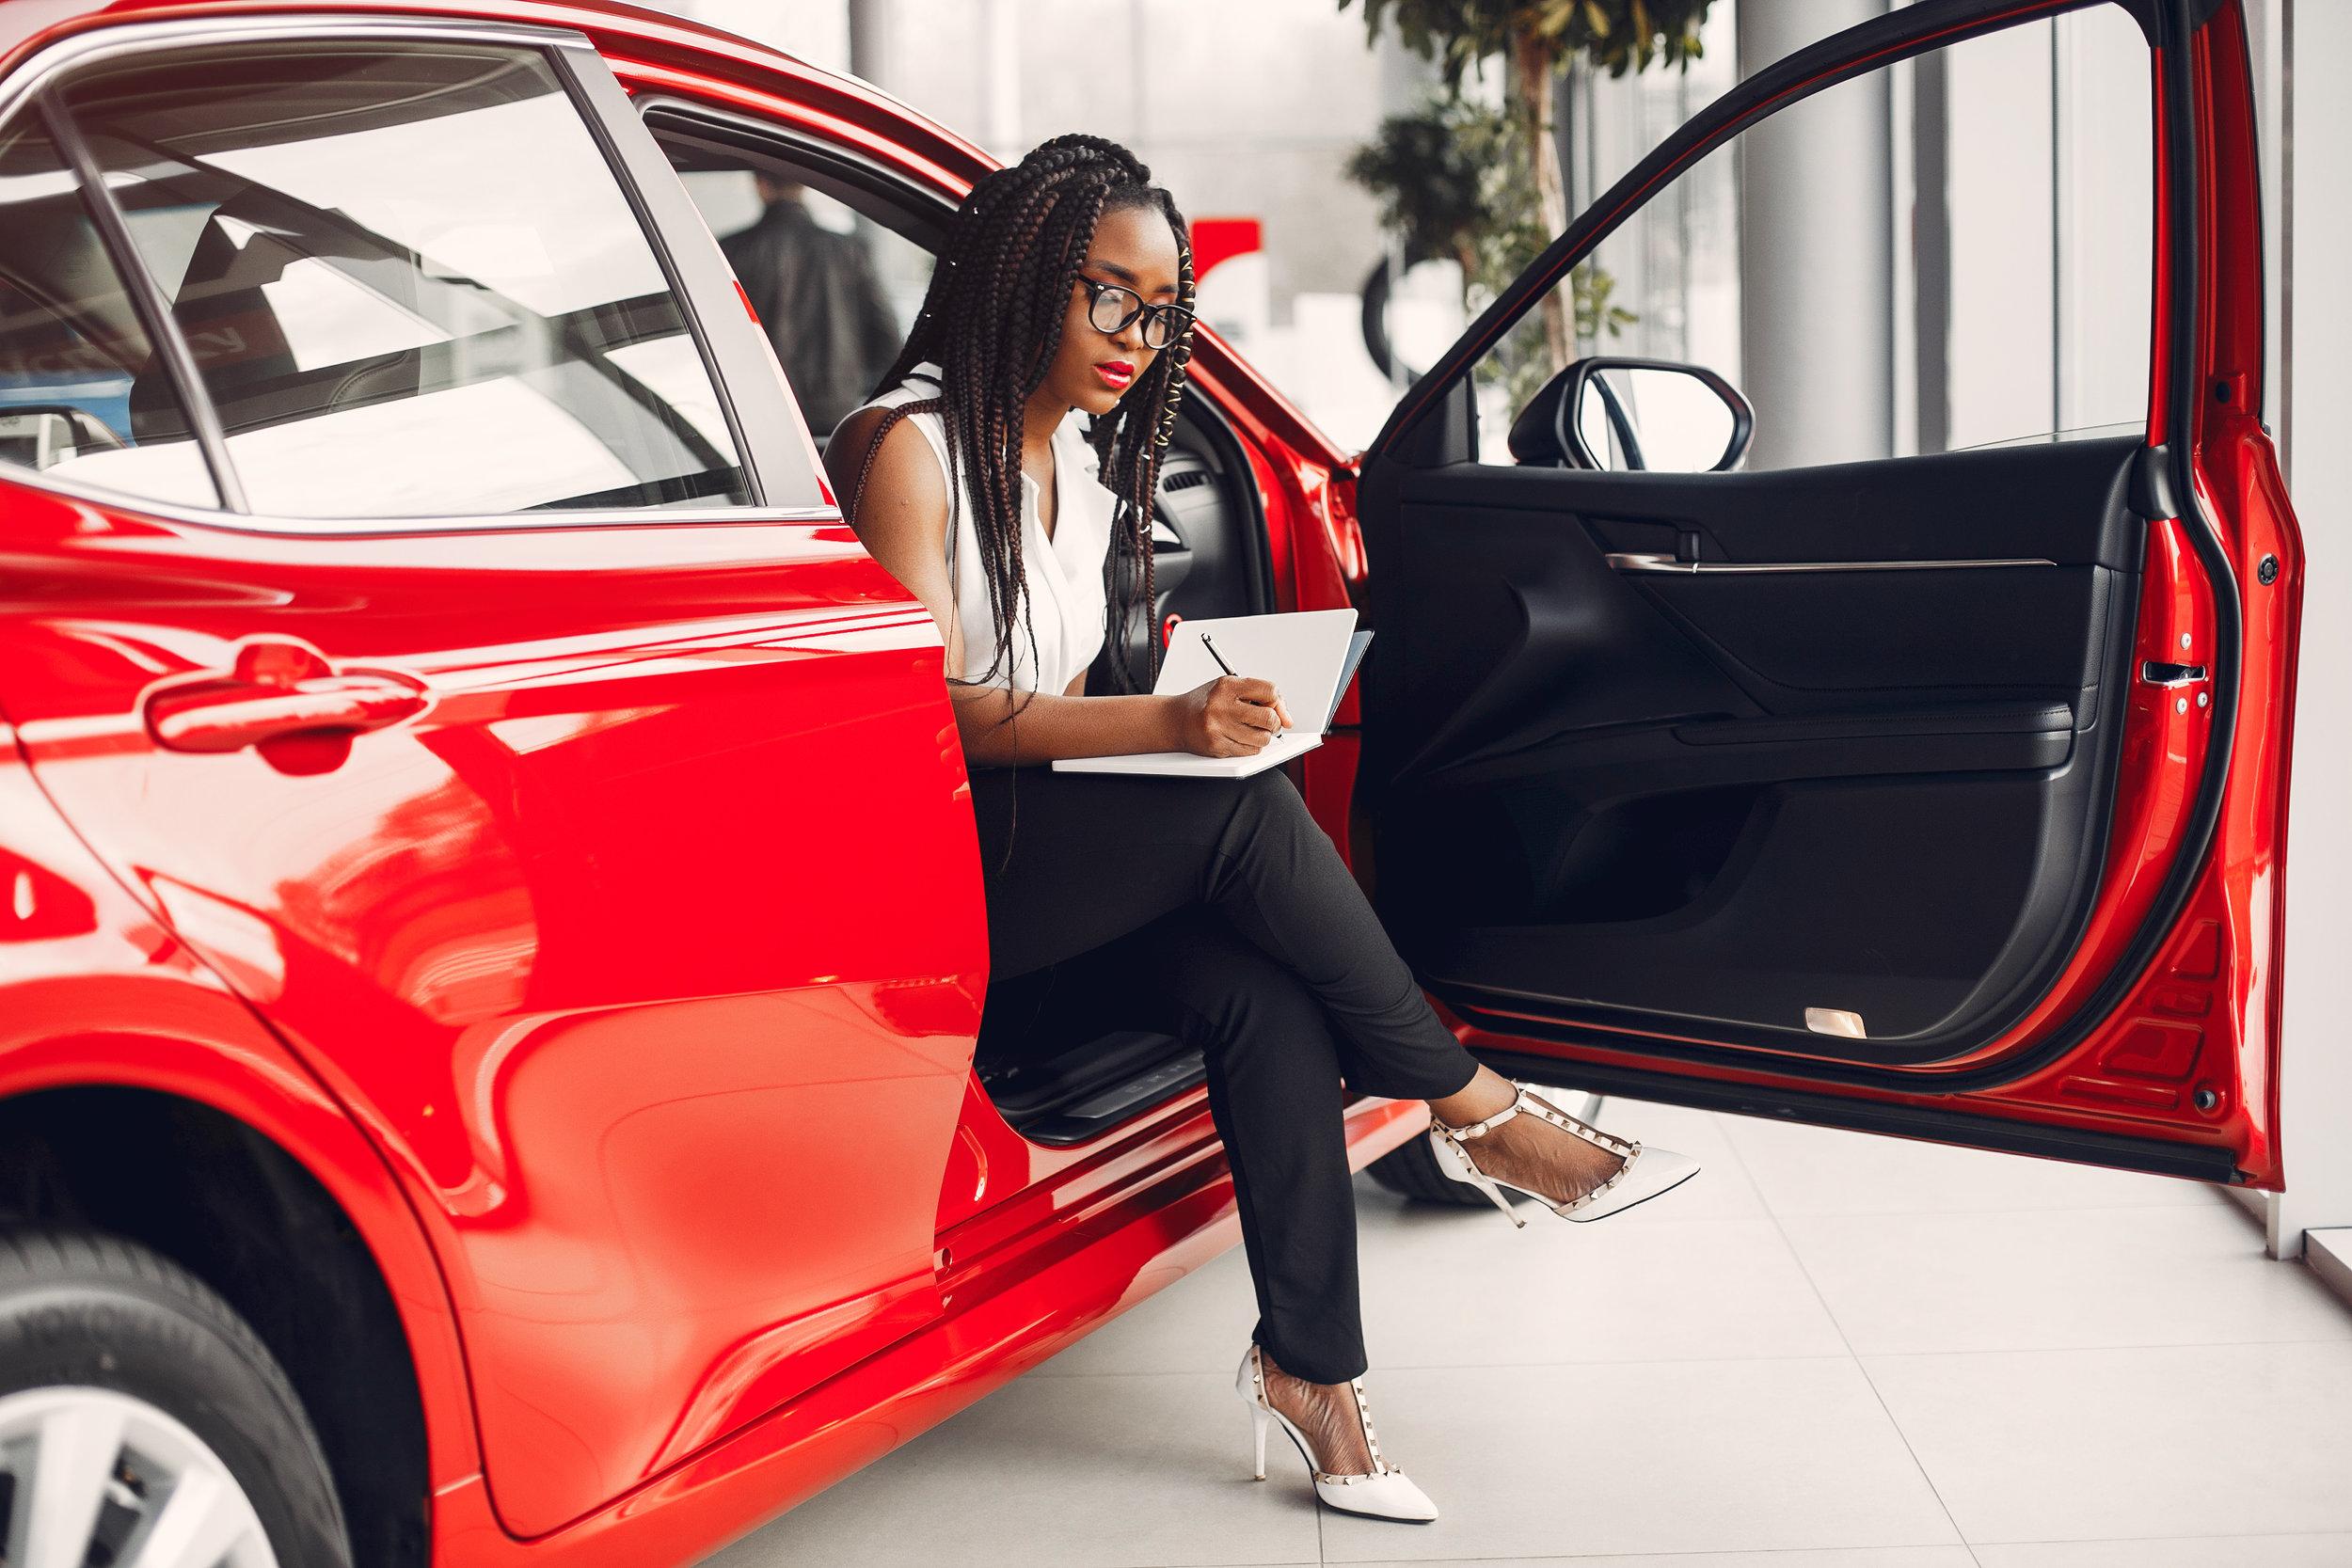 stylish-black-woman-in-a-car-salon-SGKXCD8.jpg